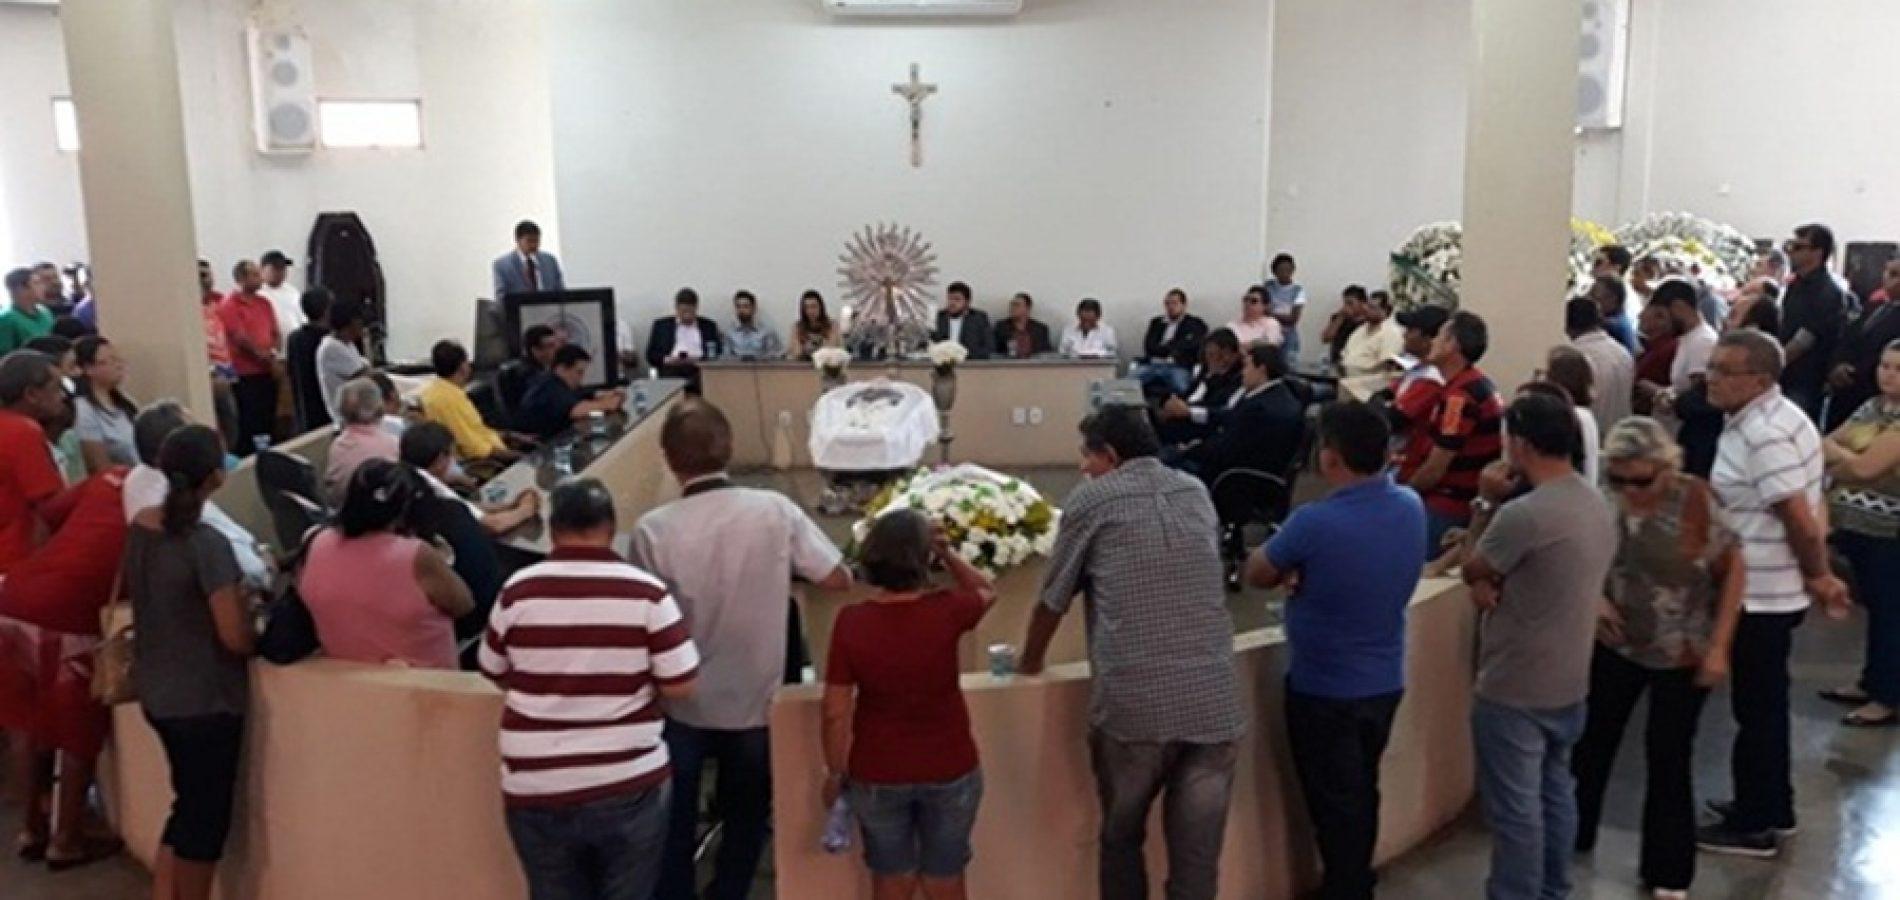 Wellington Dias e diversas autoridades comparecem a velório de João Bosco em Picos